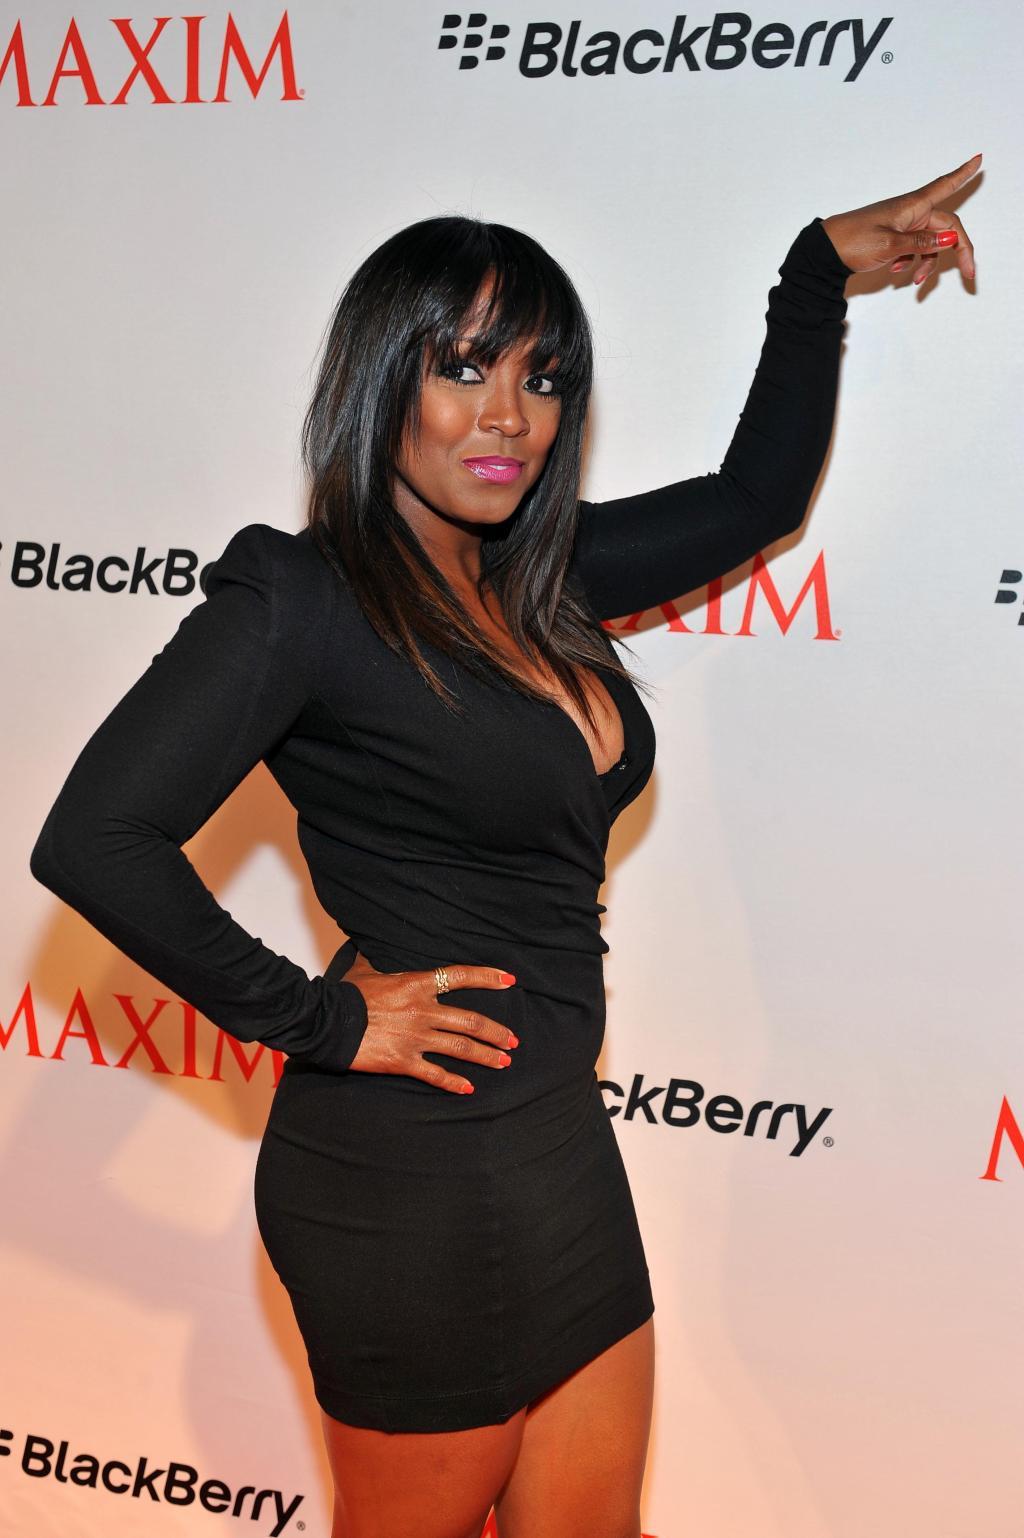 Maxim And BlackBerry Celebrate In Atlanta